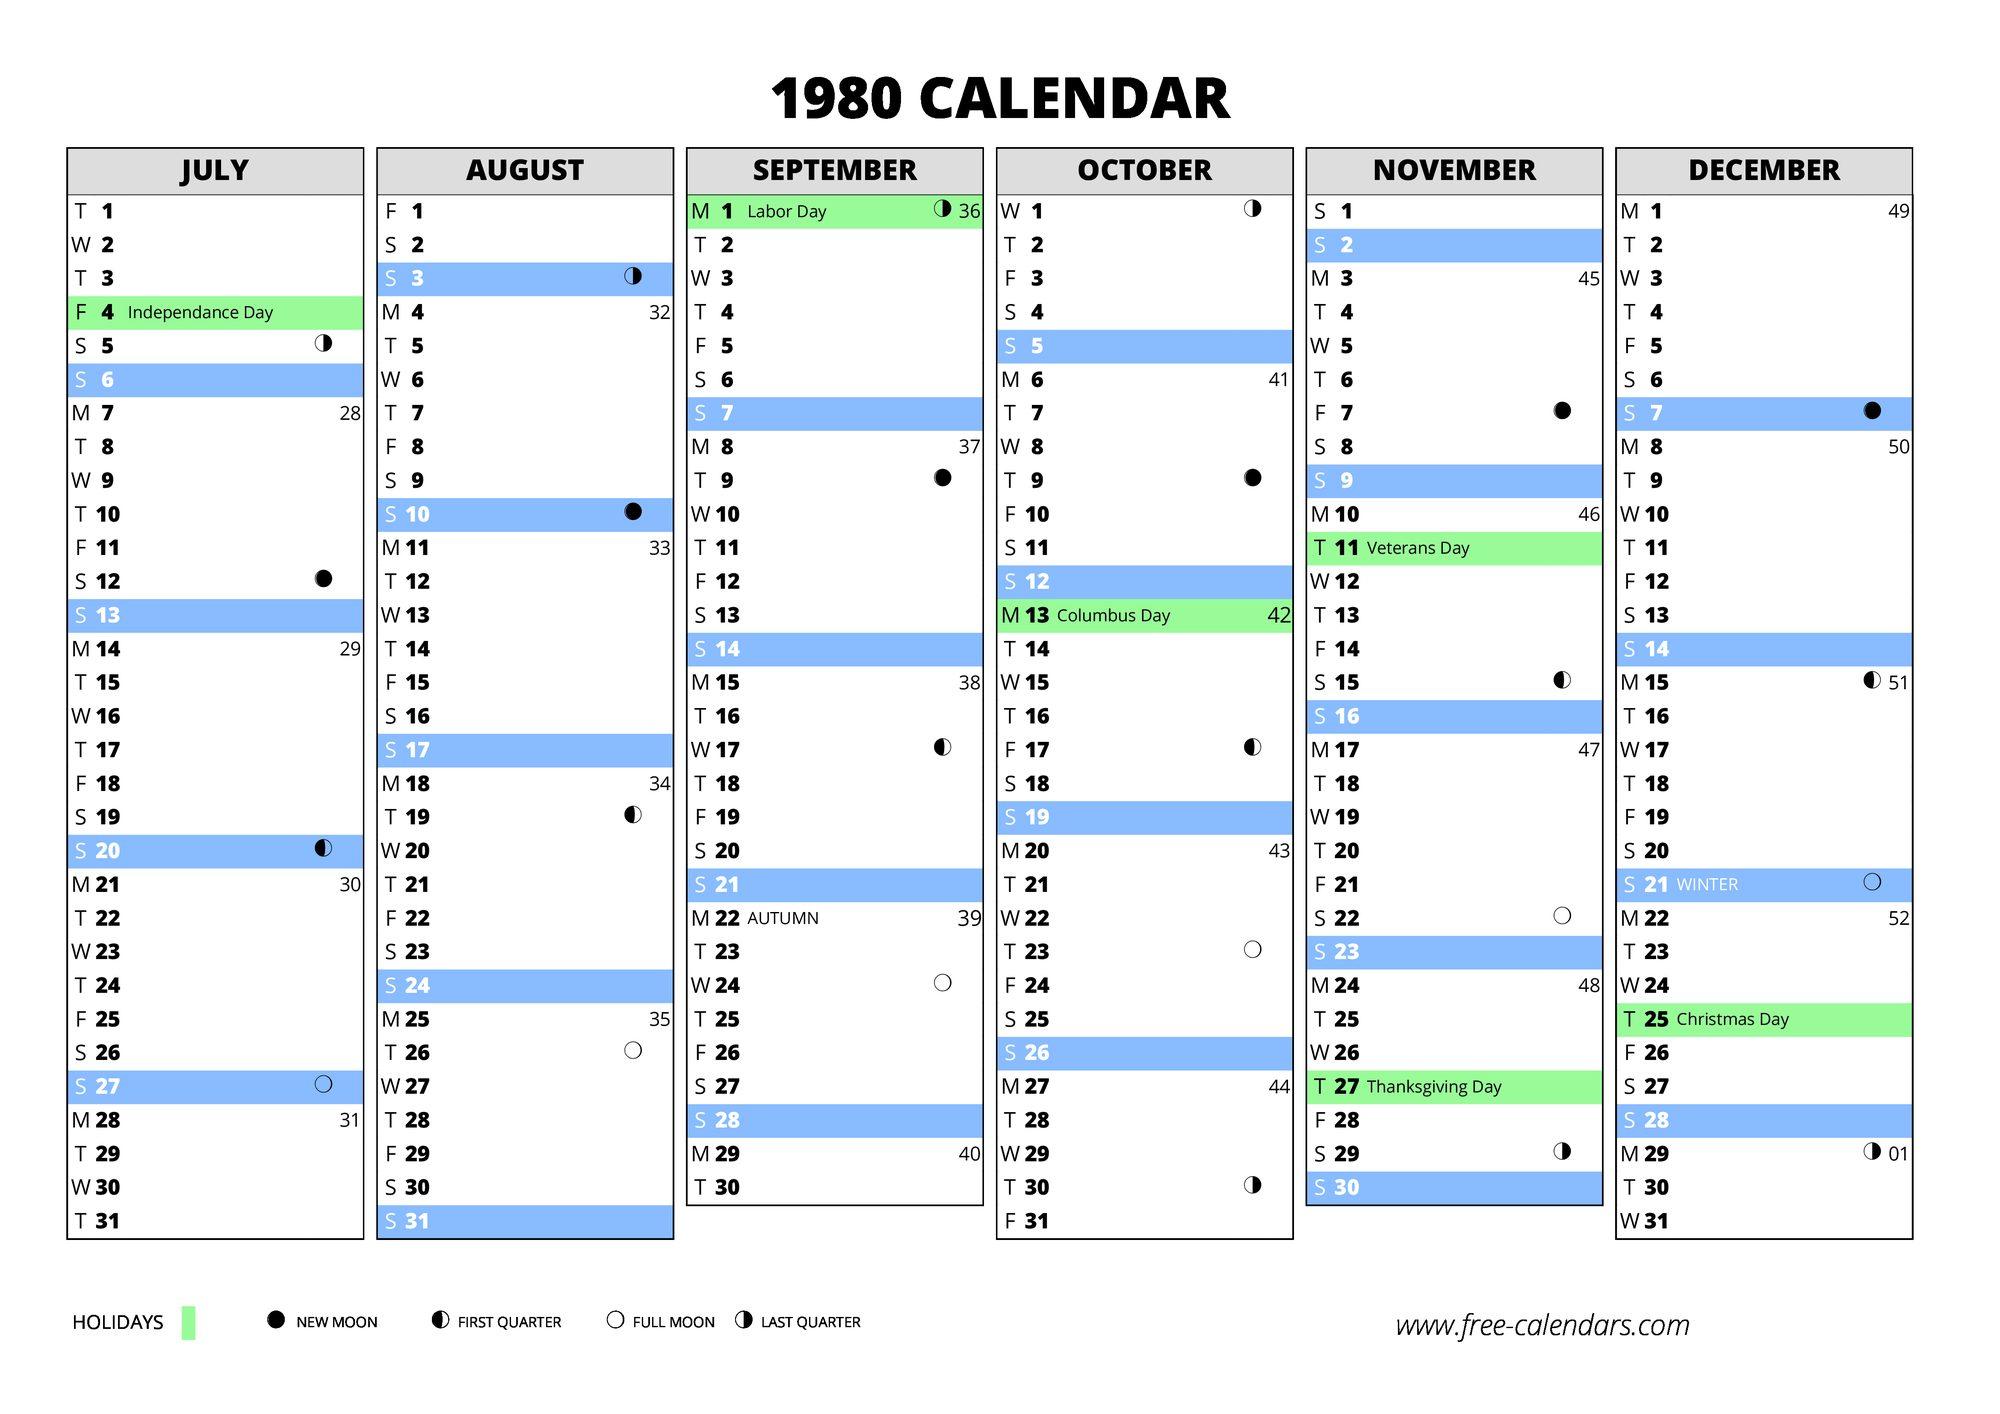 1980 Calendar Free Calendars Com